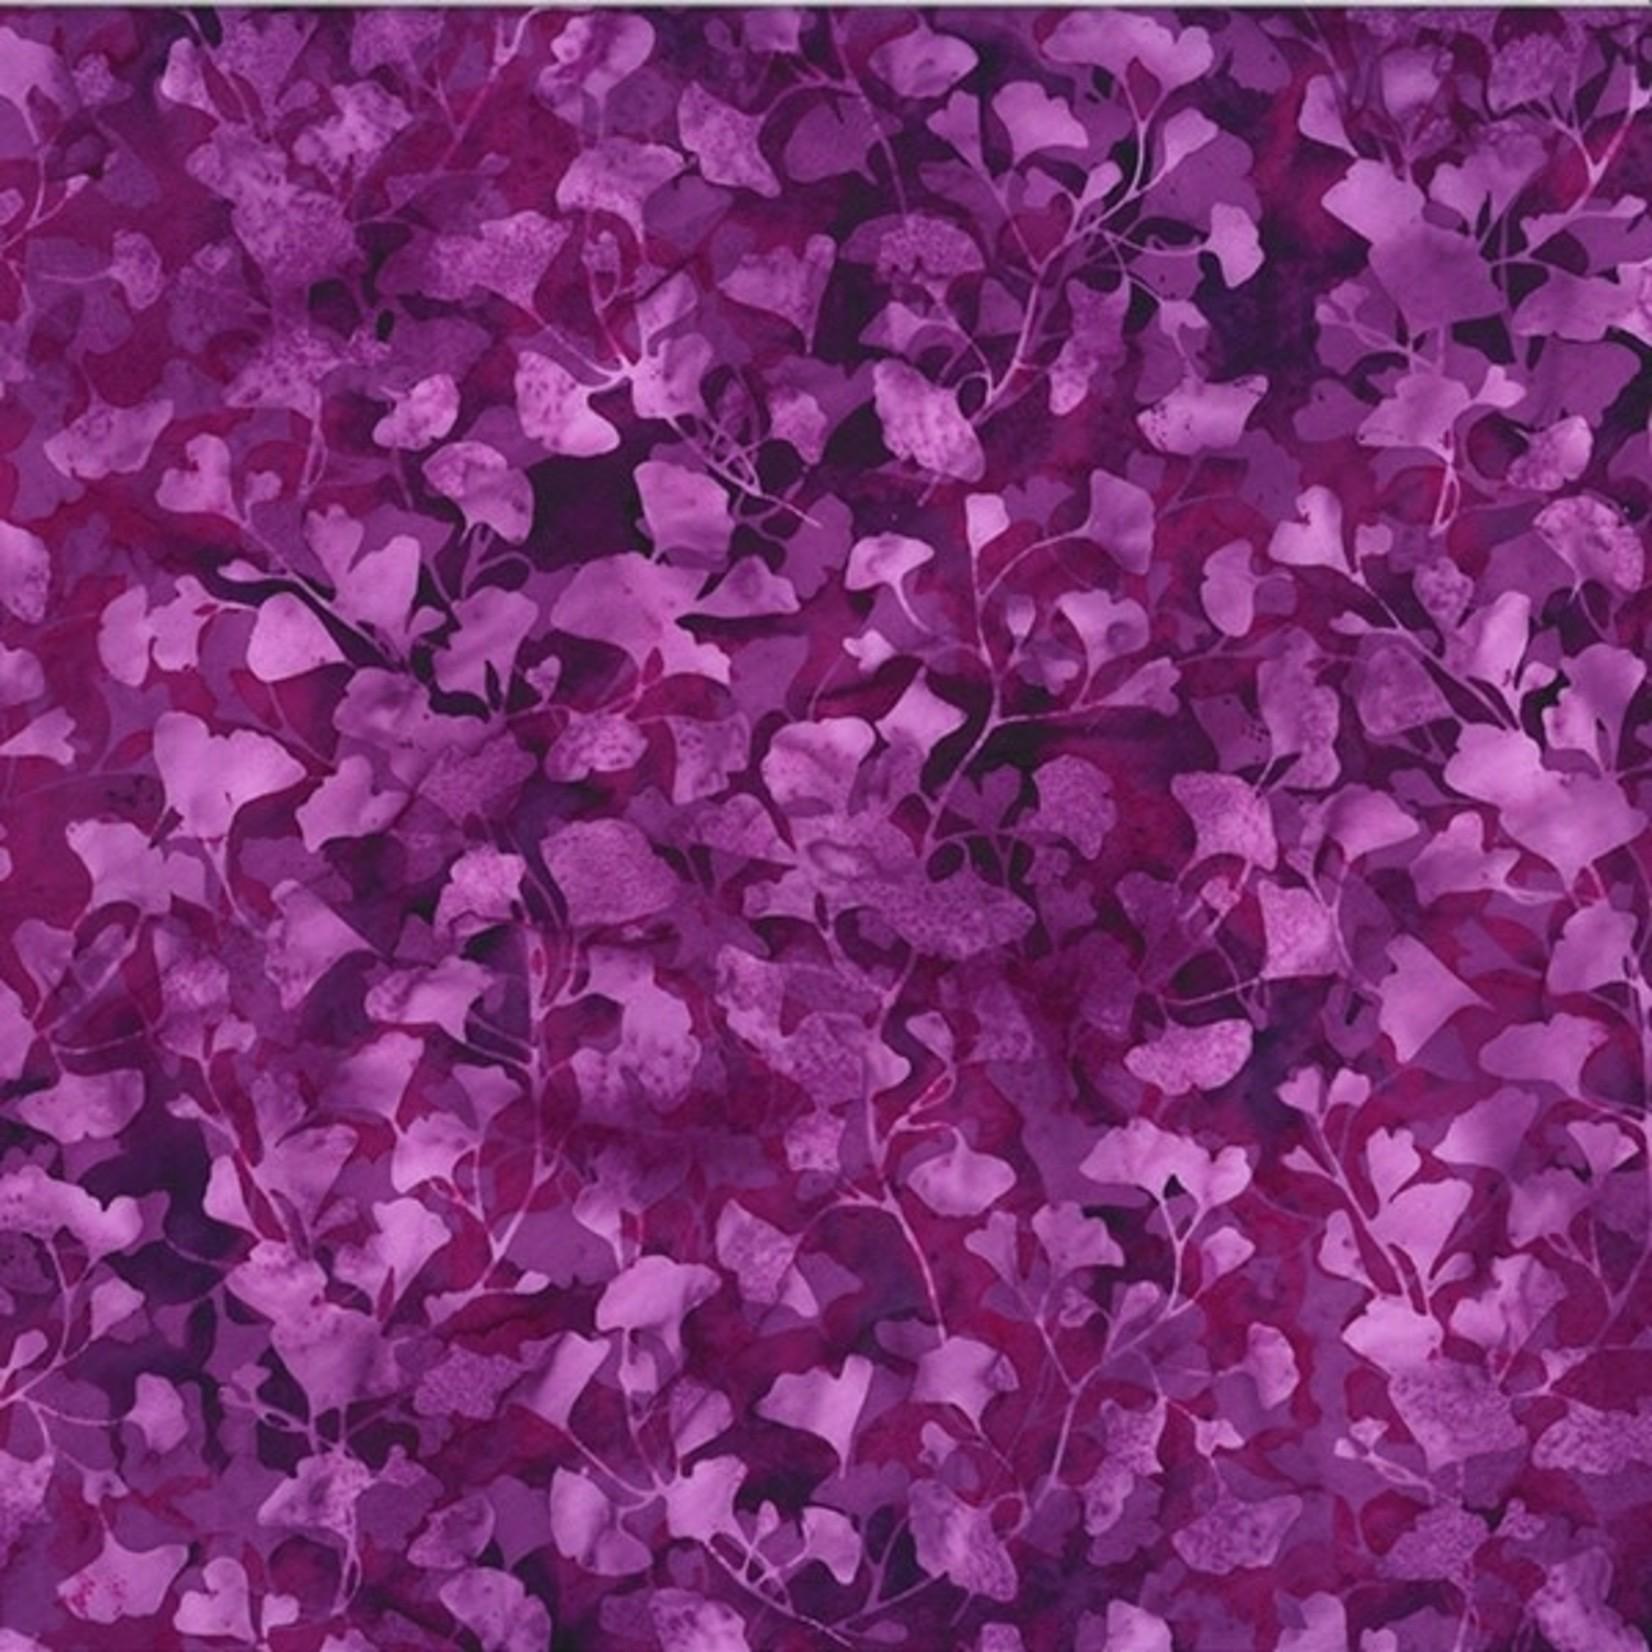 Hoffman Bali Batiks, Leaves, Amethyst 2376-91 $0.20 per cm or $20/m